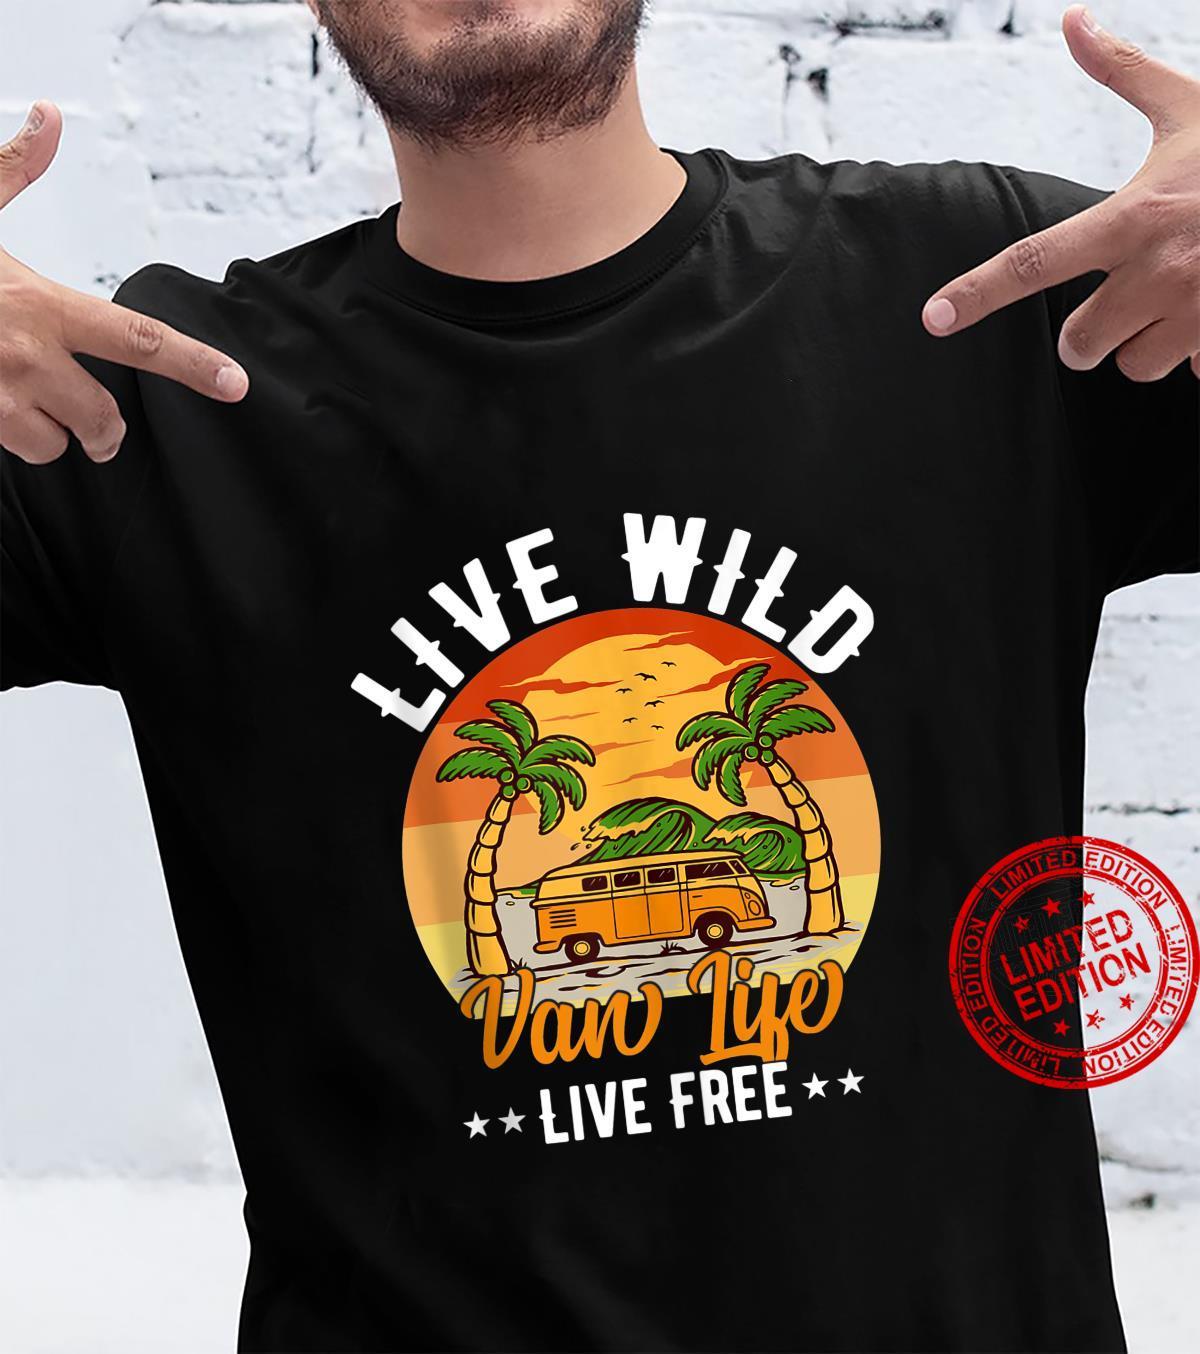 Van Life Travelers Shirt